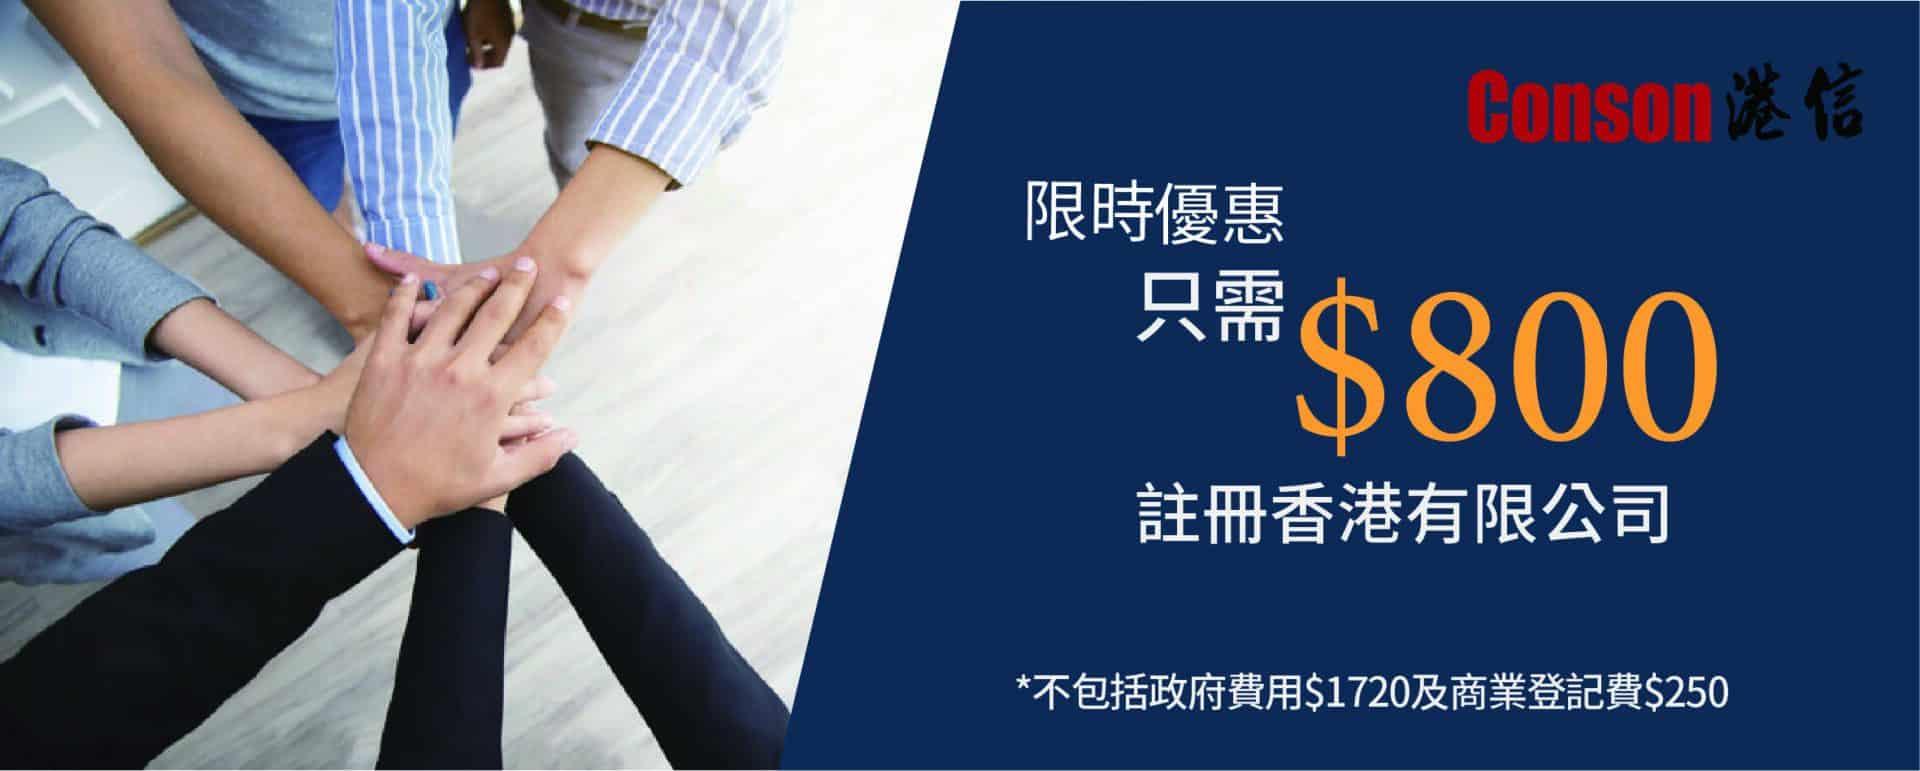 註冊香港公司